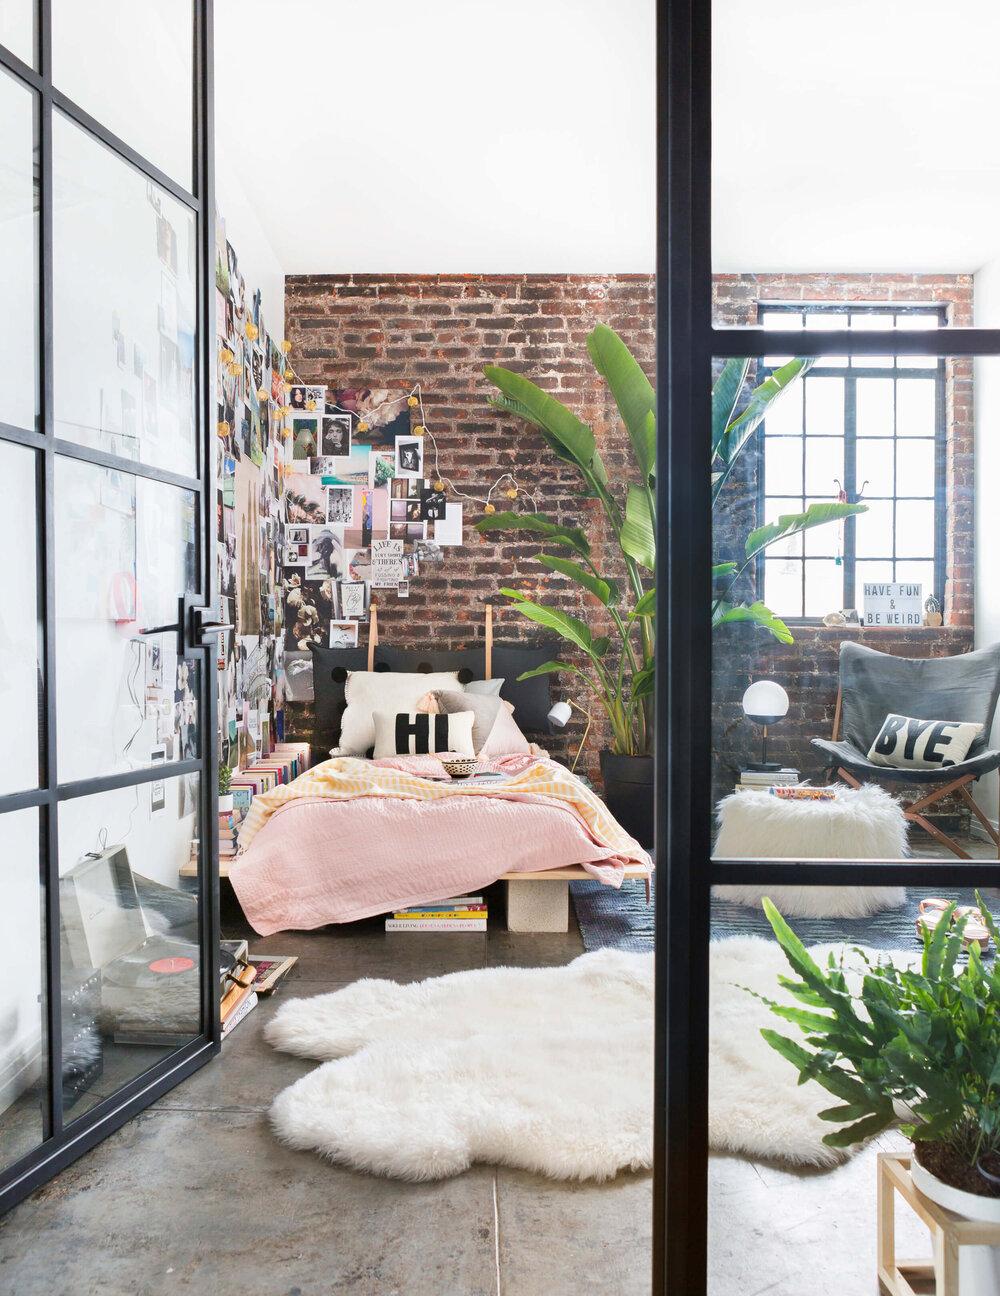 Ý tưởng decor phòng sinh viên đẹp sáng tạo với chi phí siêu tiết kiệm - Ảnh 8.